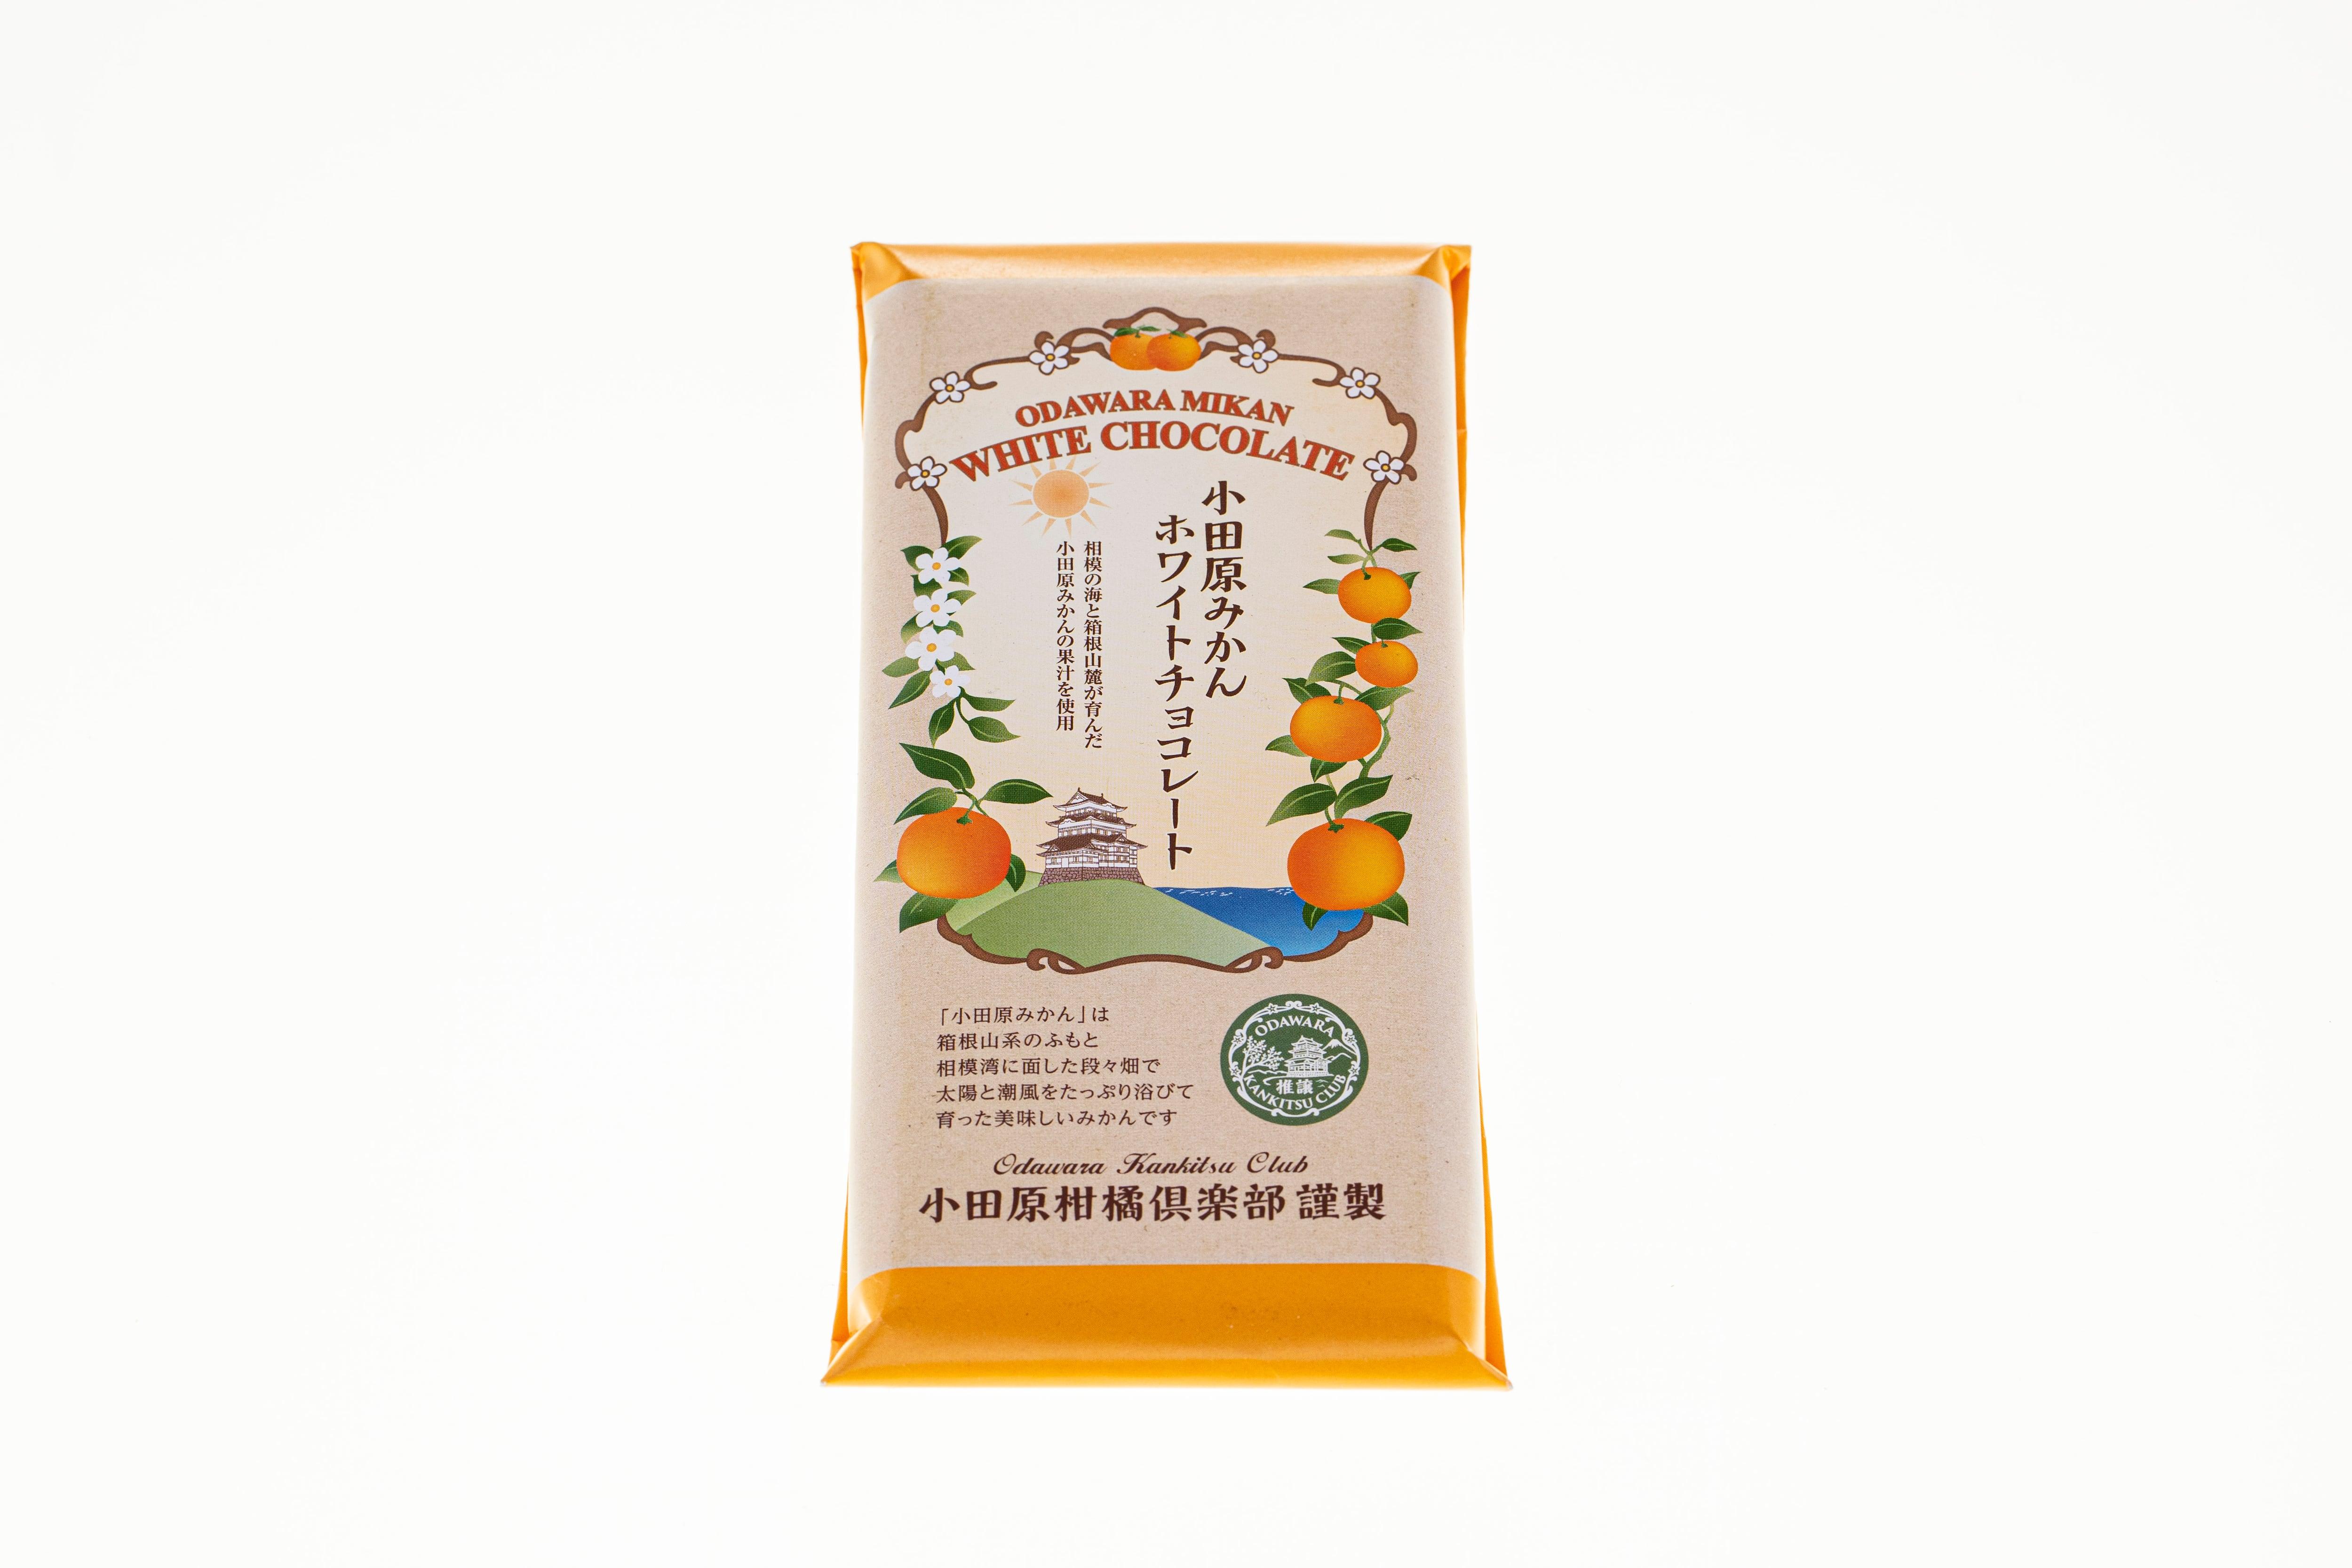 17 小田原みかん ホワイトチョコレート